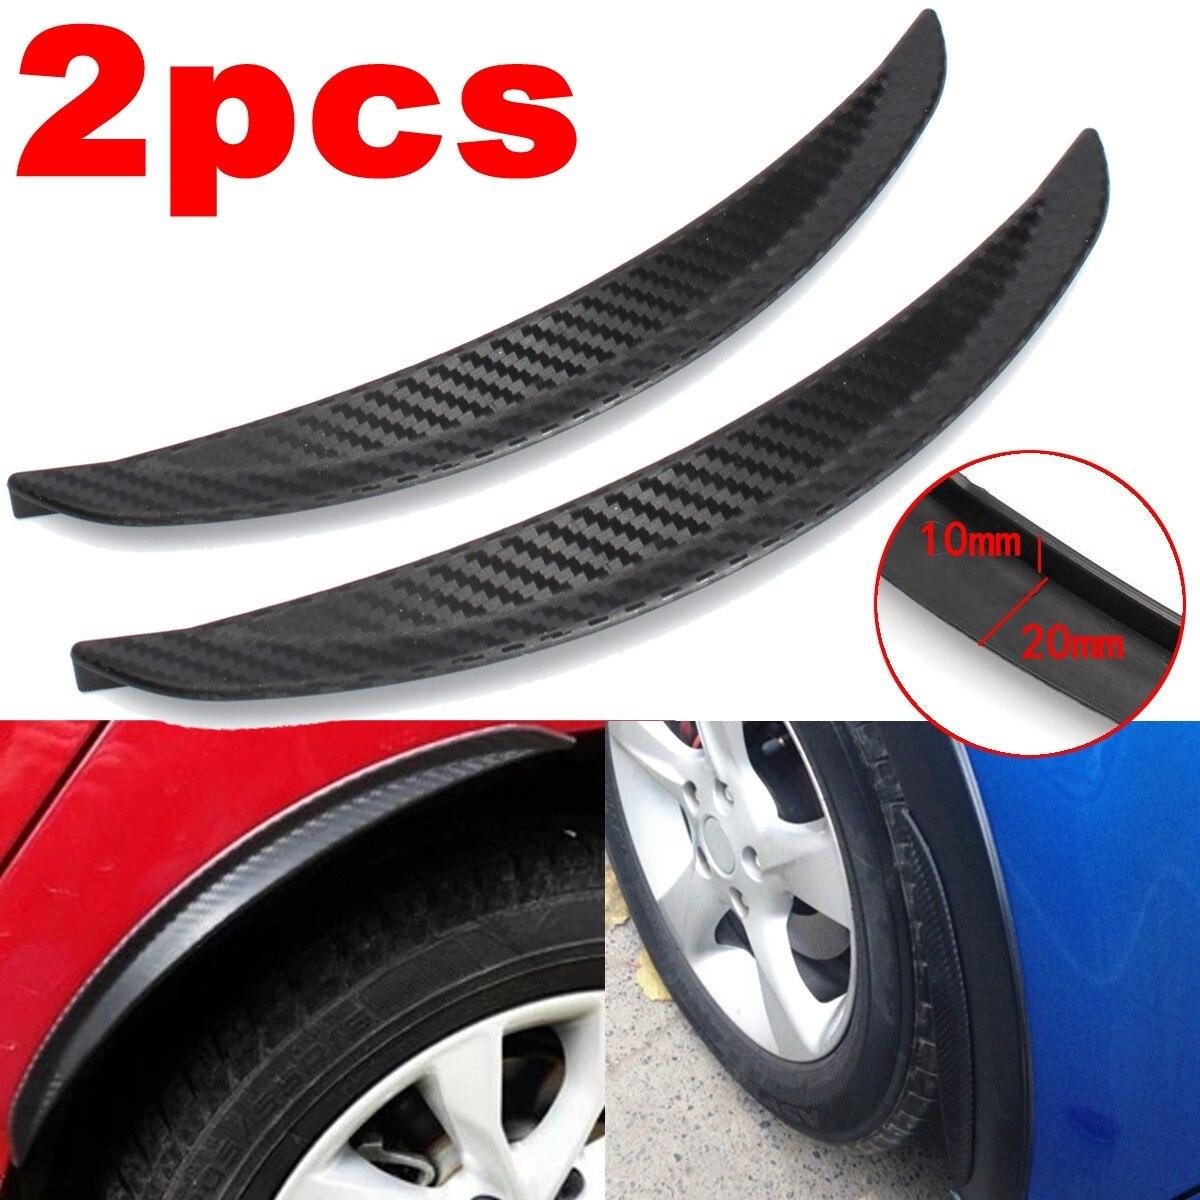 2 stücke 24,5 cm Universal Auto Carbon Fiber Fender Flares Schlamm Flaps Splash Guards Arch Rad Augenbraue Lip Für Auto lkw SUV